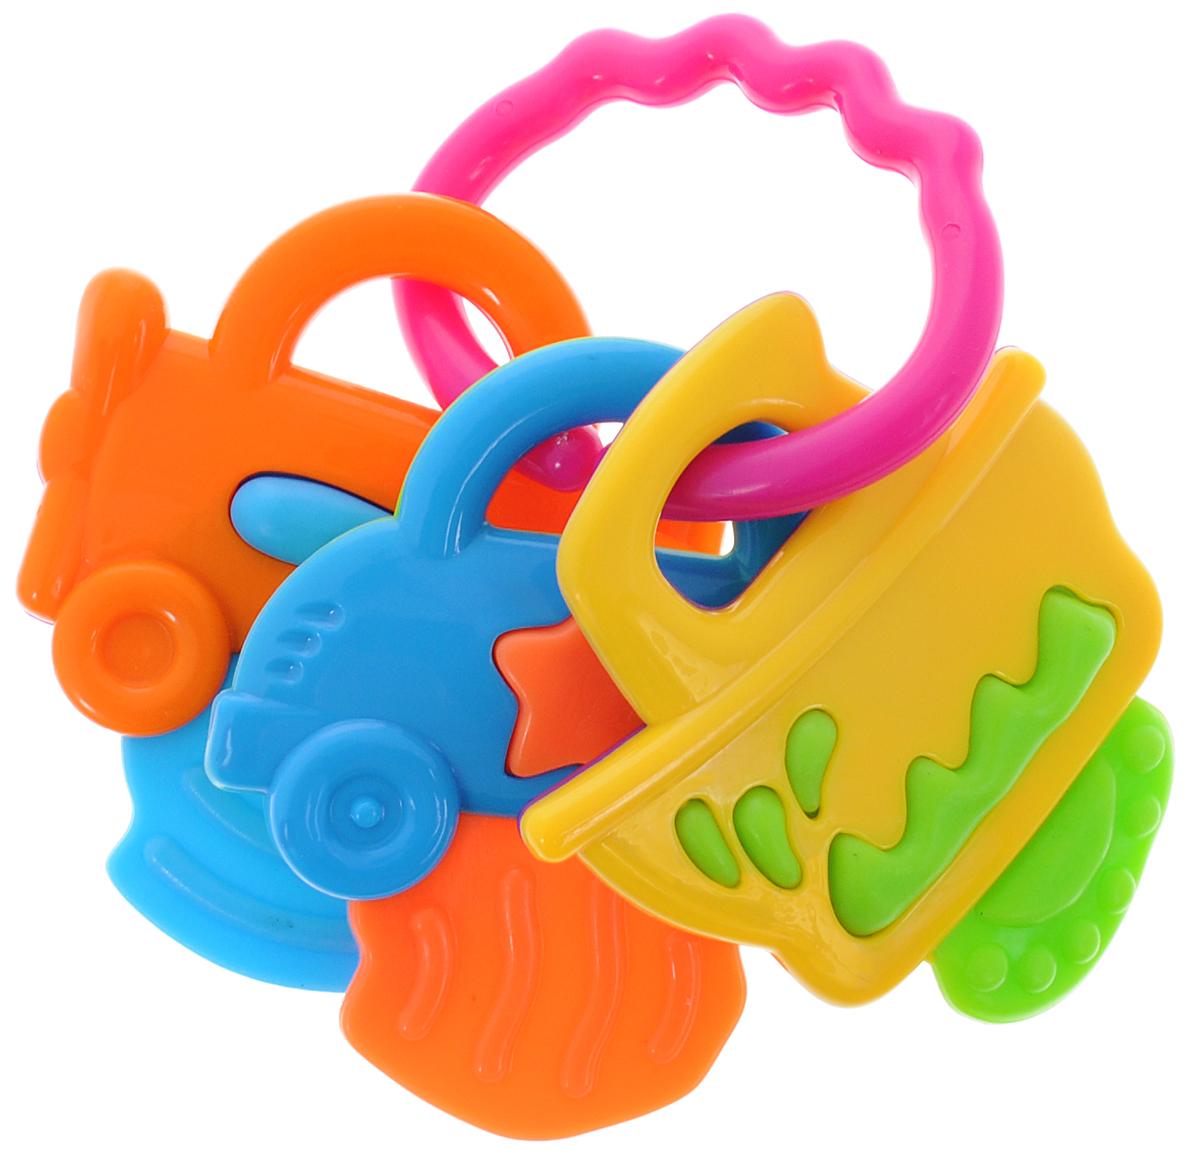 Mioshi Прорезыватель Машинки розовыйTY9043_розовыйПрорезыватель Mioshi Машинки станет незаменимой игрушкой вашему малышу в первые месяцы и годы его жизни. Яркий, приятный на ощупь прорезыватель с тремя разными подвесками в виде машинки, самолетика и кораблика станет любимой игрушкой вашей крохи с первых месяцев жизни. Дети в раннем возрасте всегда очень любознательны, они тщательно исследуют все, что попадает им в руки. Заботясь об их здоровье и безопасности, Mioshi выпускает только качественную продукцию, которая прошла сертификацию. Вместе с прорезывателем Mioshi малютки развивают мелкую моторику рук, восприятие формы и цвета предметов, а также слух и зрение.